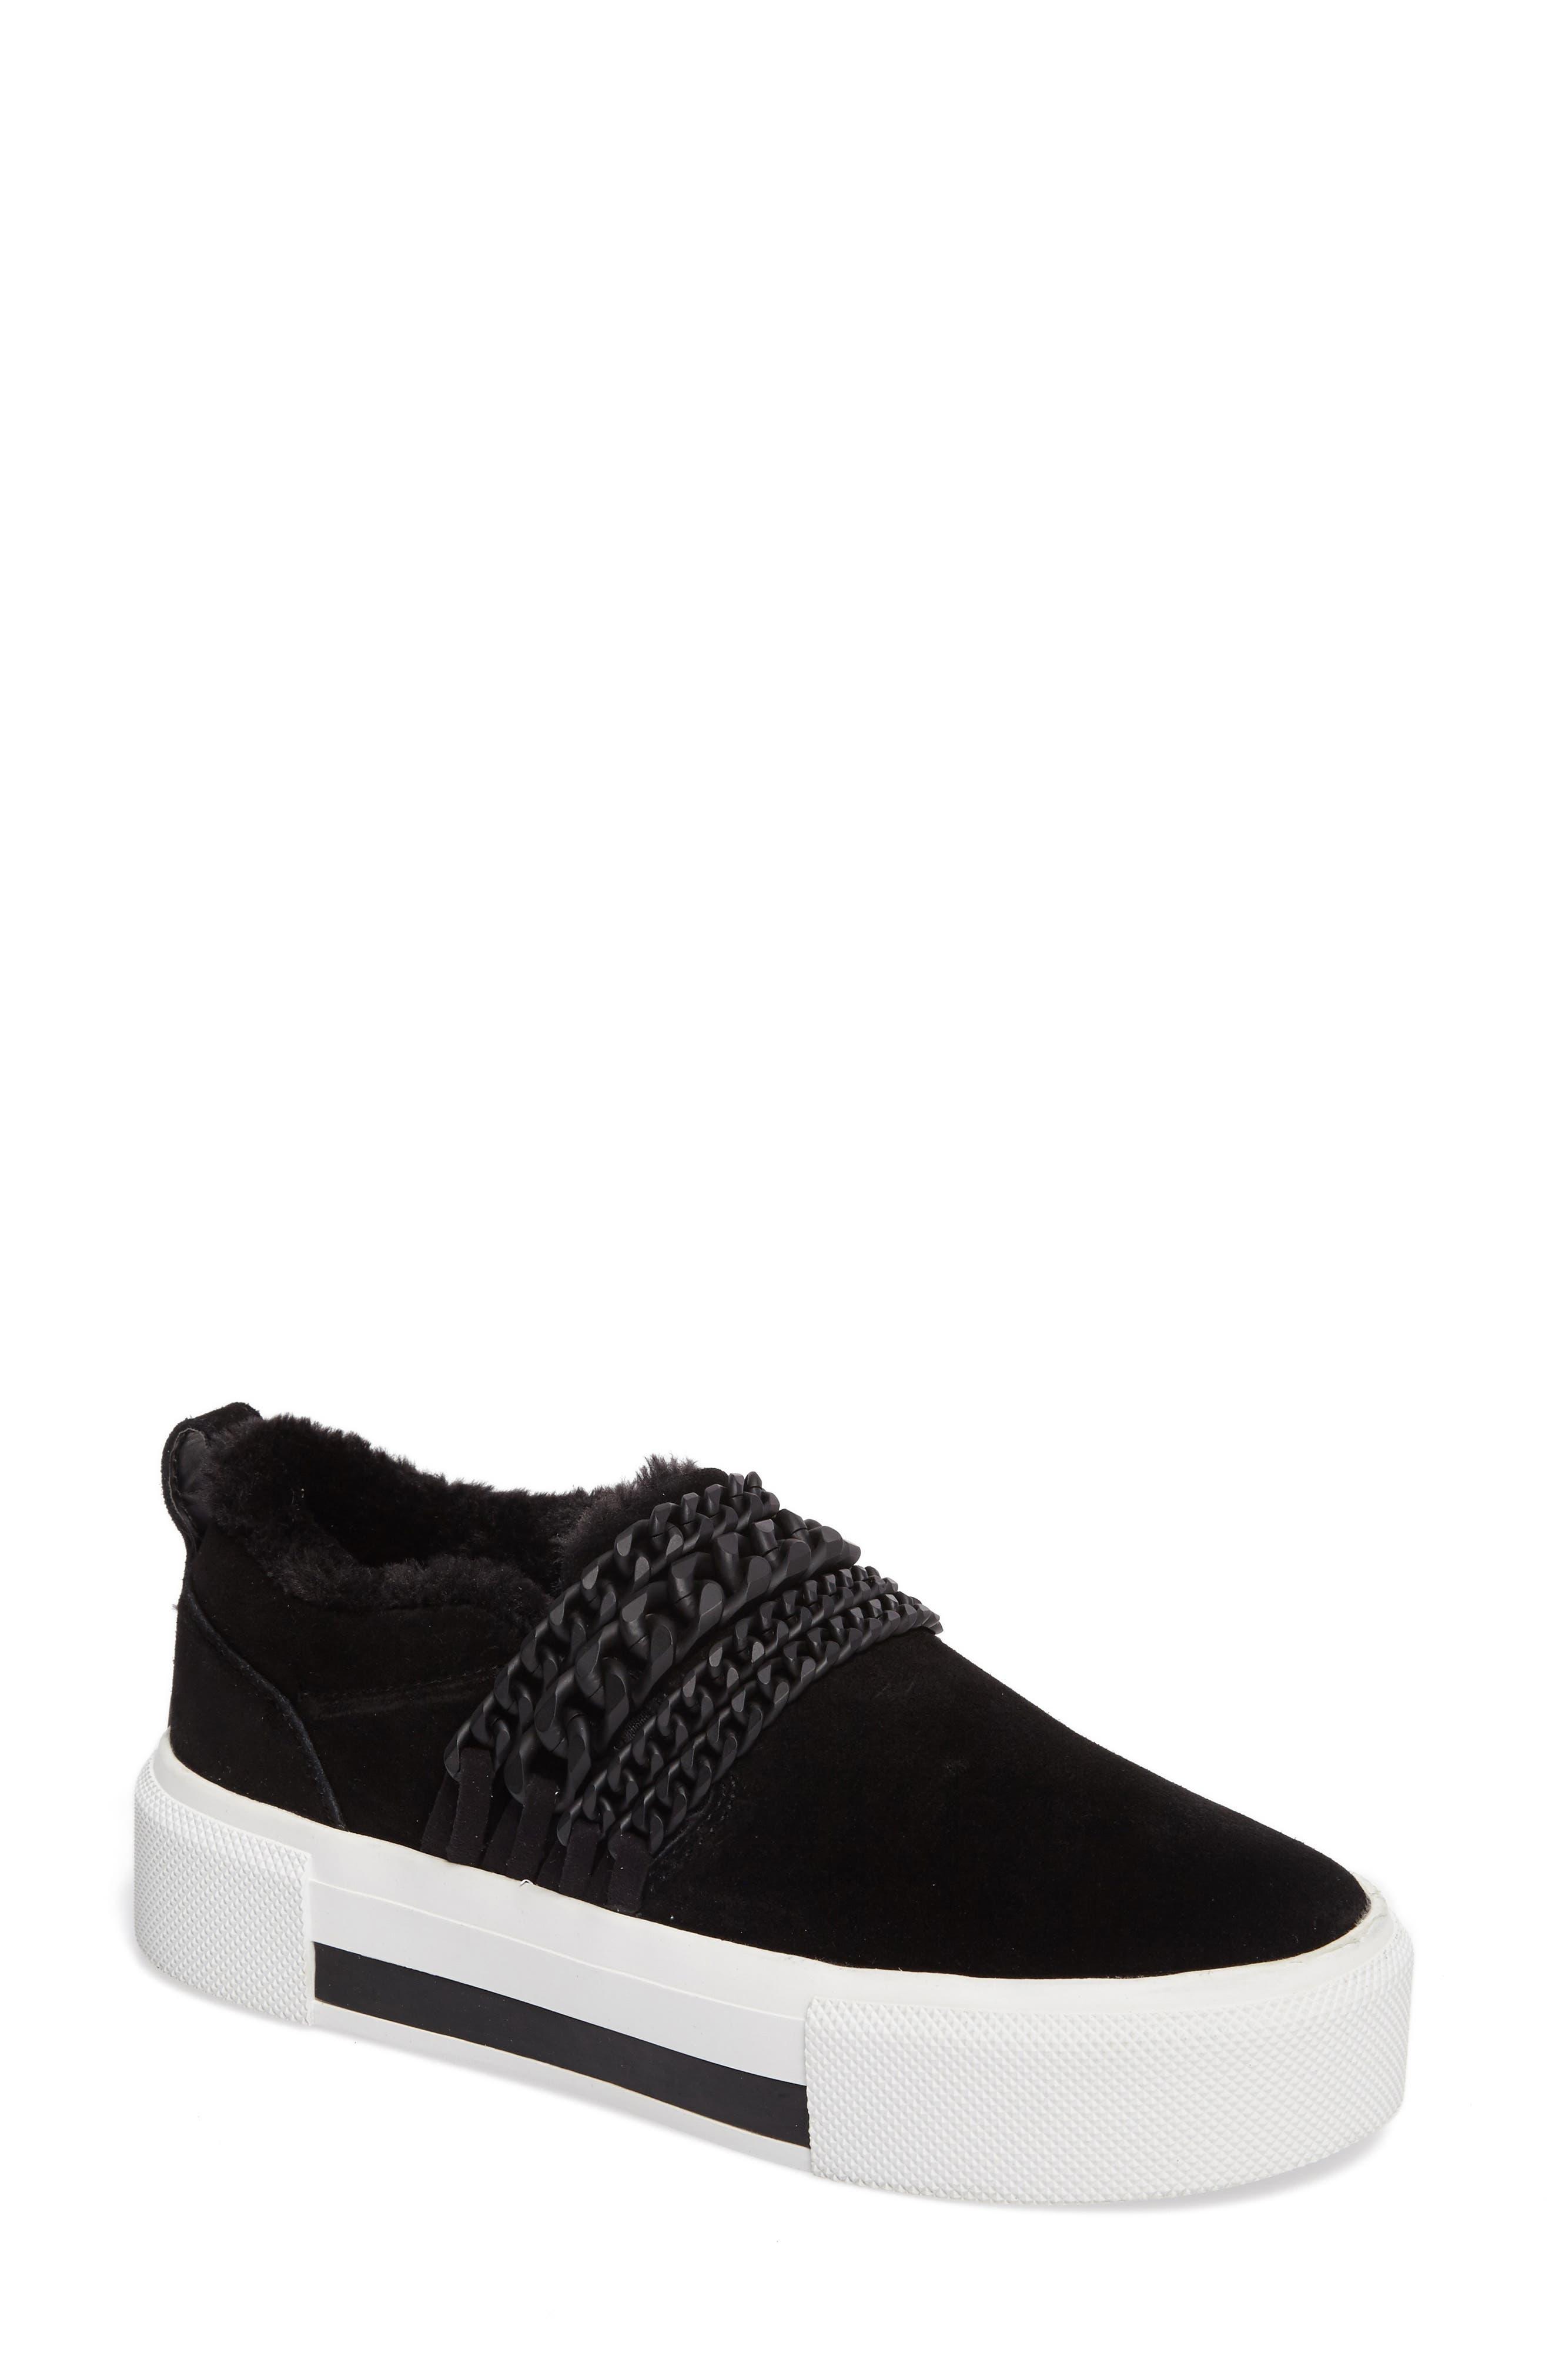 KENDALL + KYLIE Tory Platform Sneaker (Women)